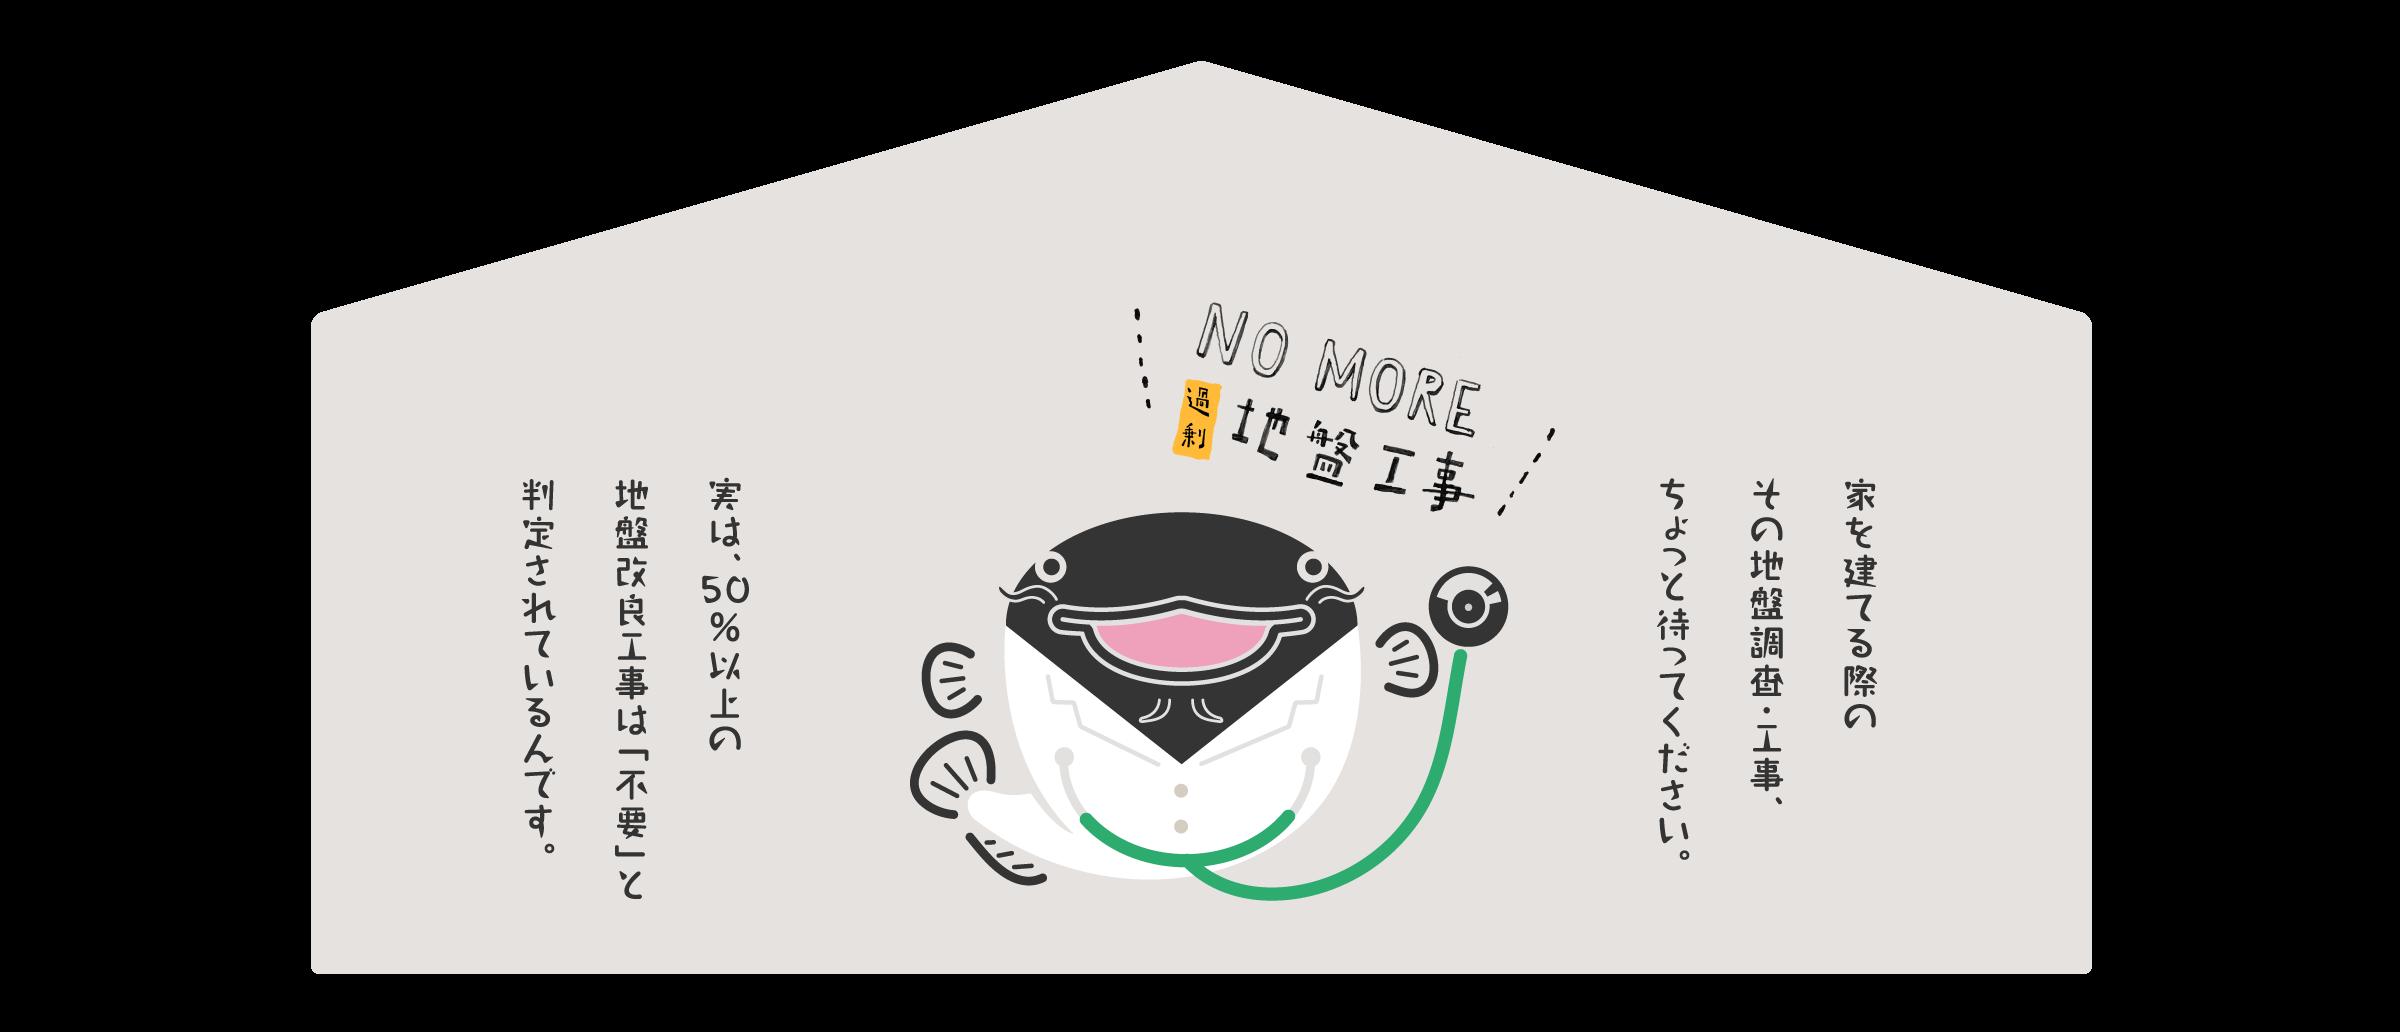 イラスト1/地盤ネット福山様制作事例